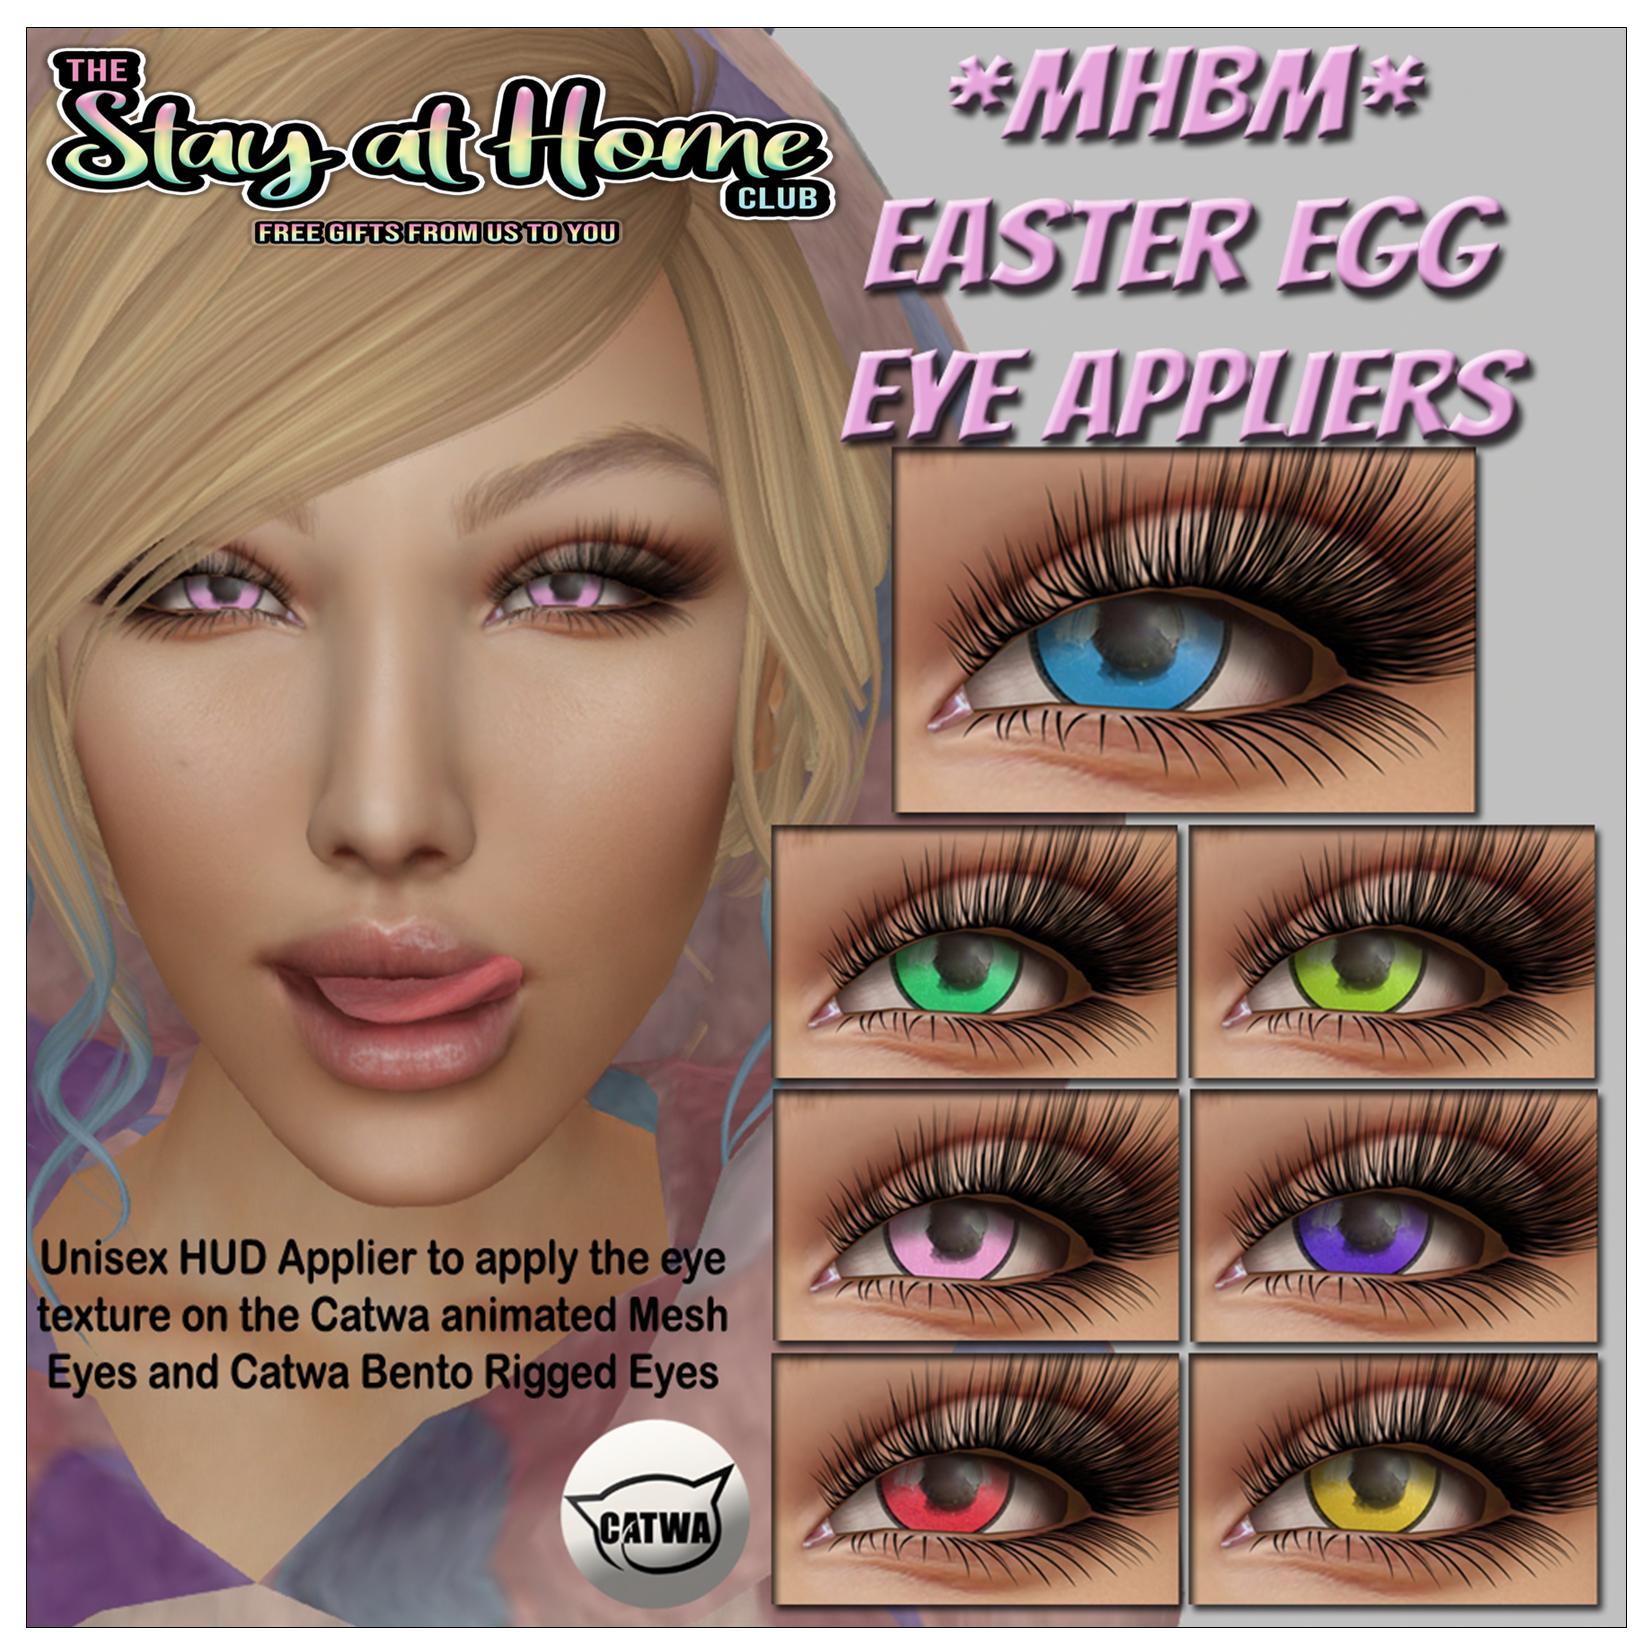 *MHBM* - Easter Egg Eye Appliers